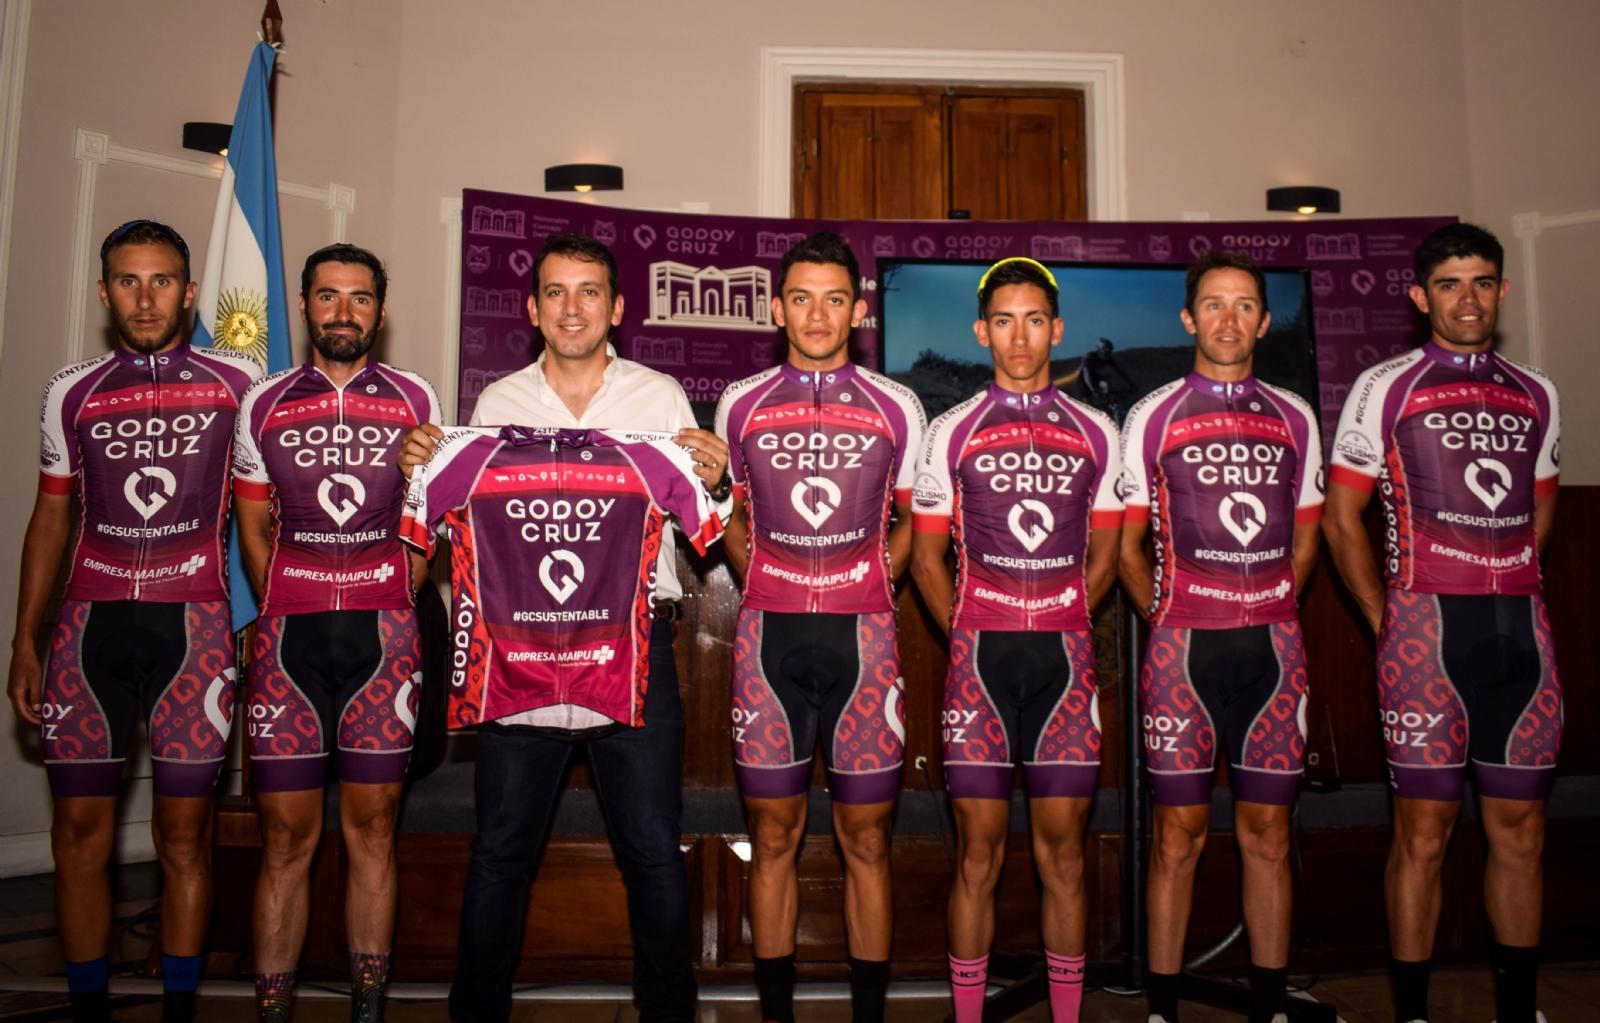 Este es el equipo de ciclismo de Godoy Cruz - Mendovoz